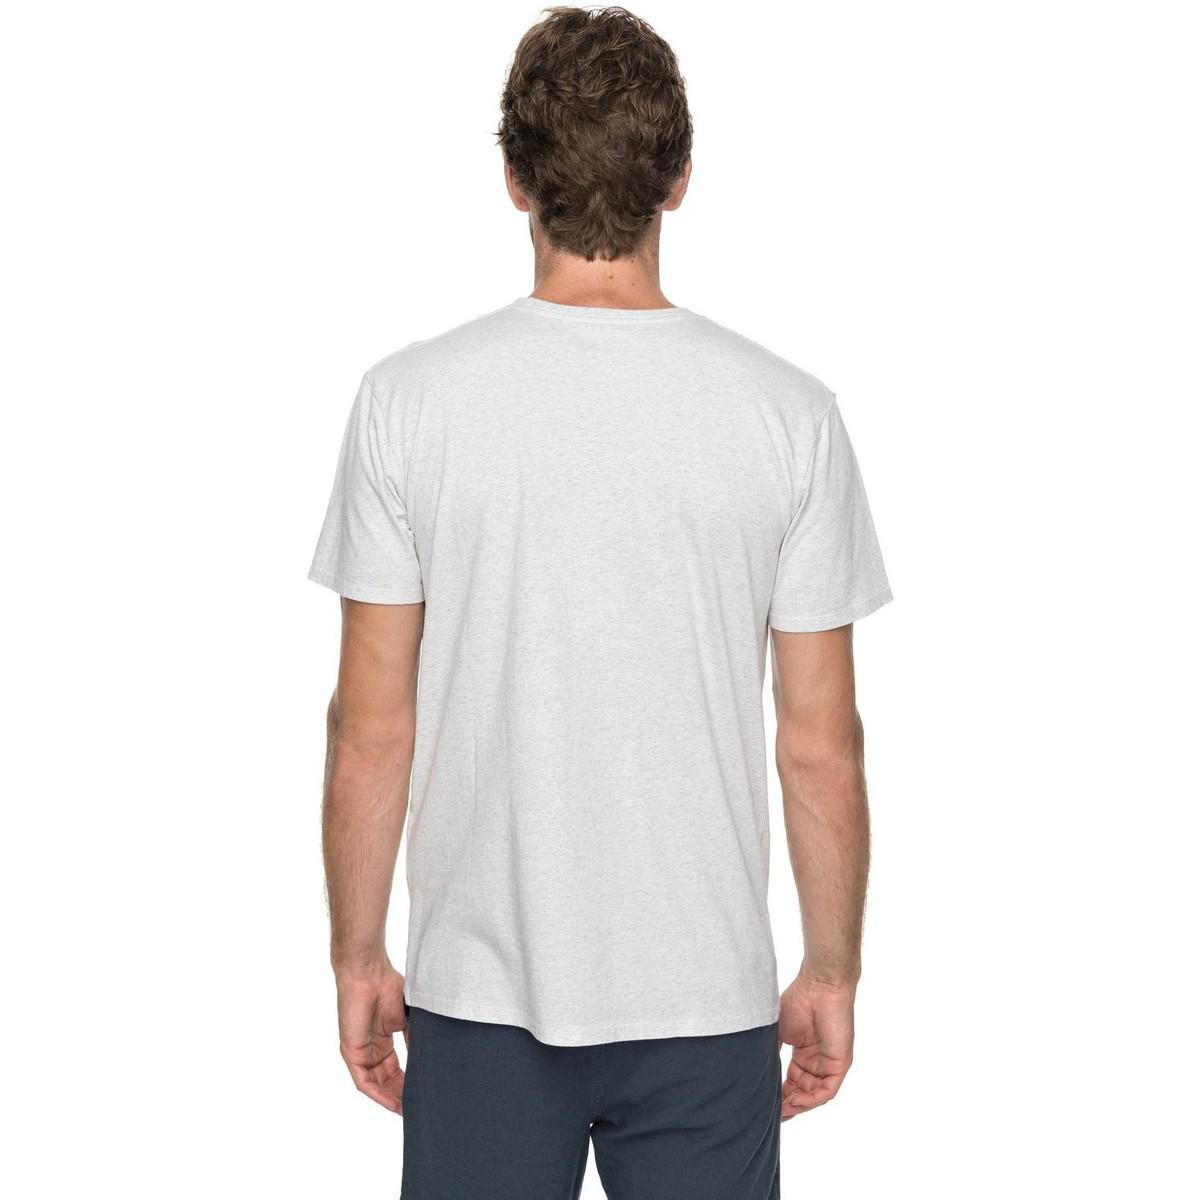 Quiksilver Cactus Falls - Camiseta Men s T Shirt In White in White ... cb800ca7c9